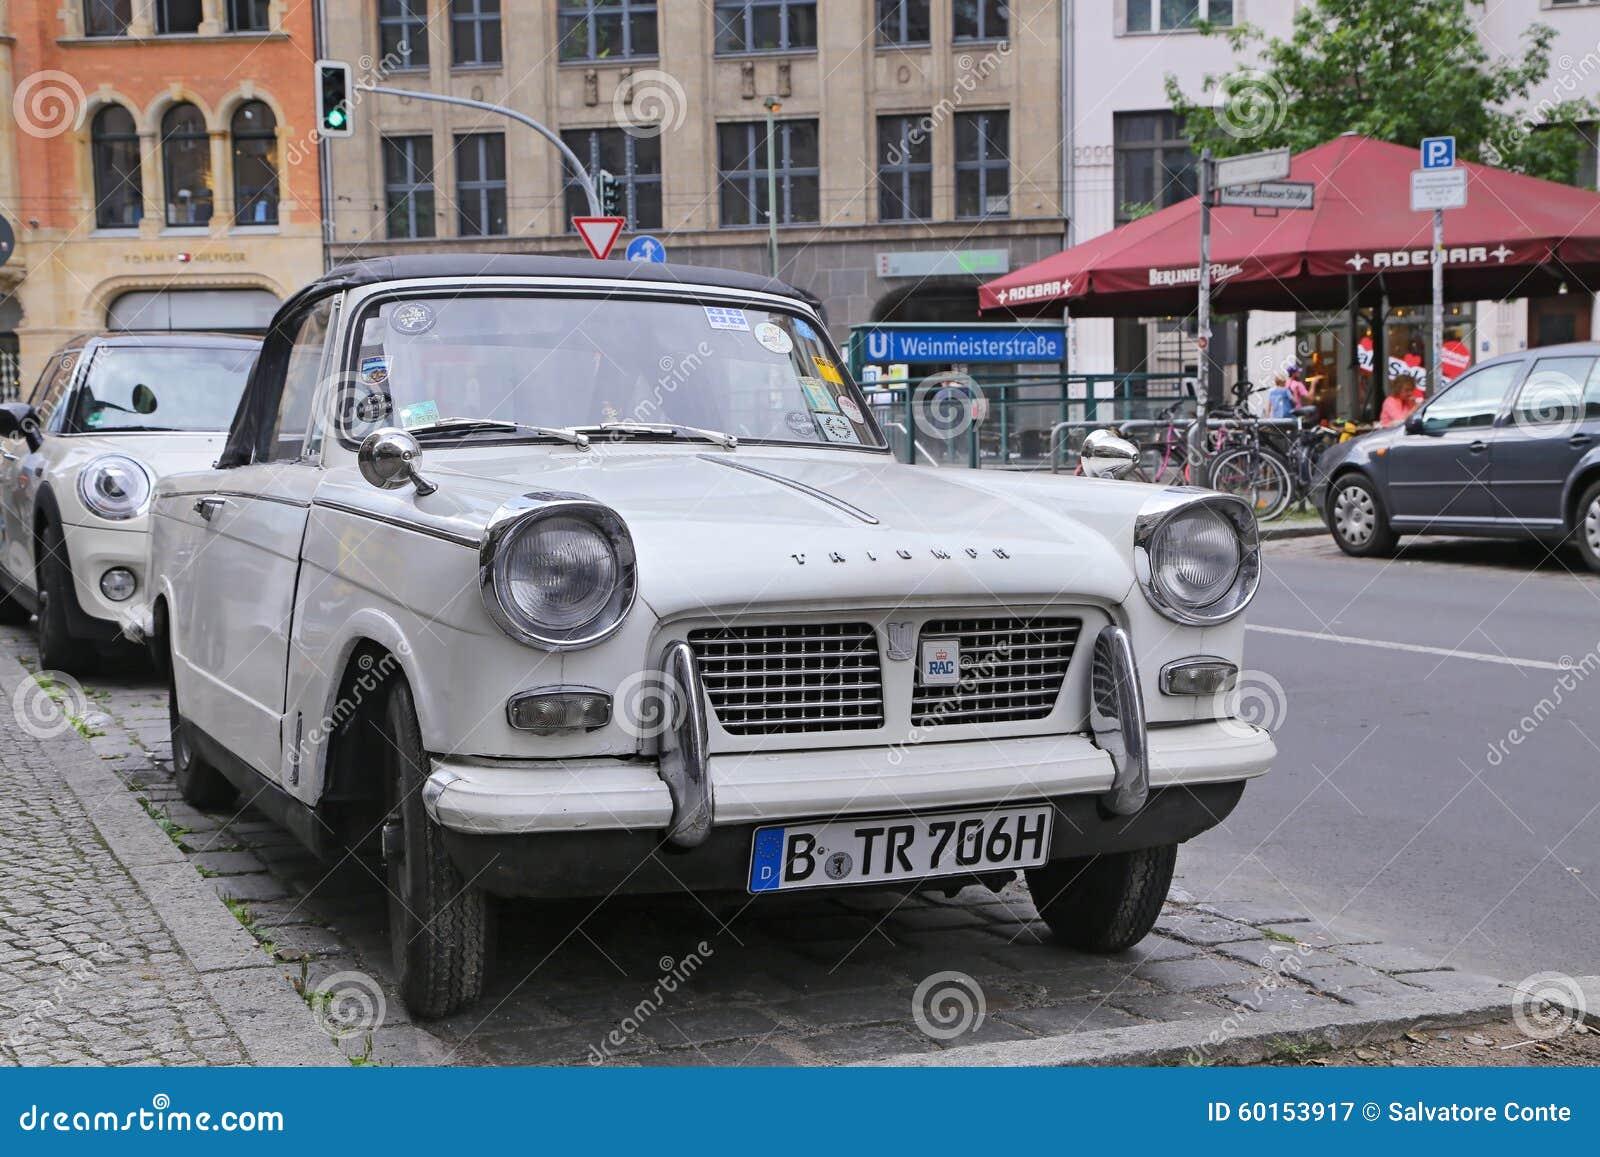 Ritish retro car Triumph in the Mitte district